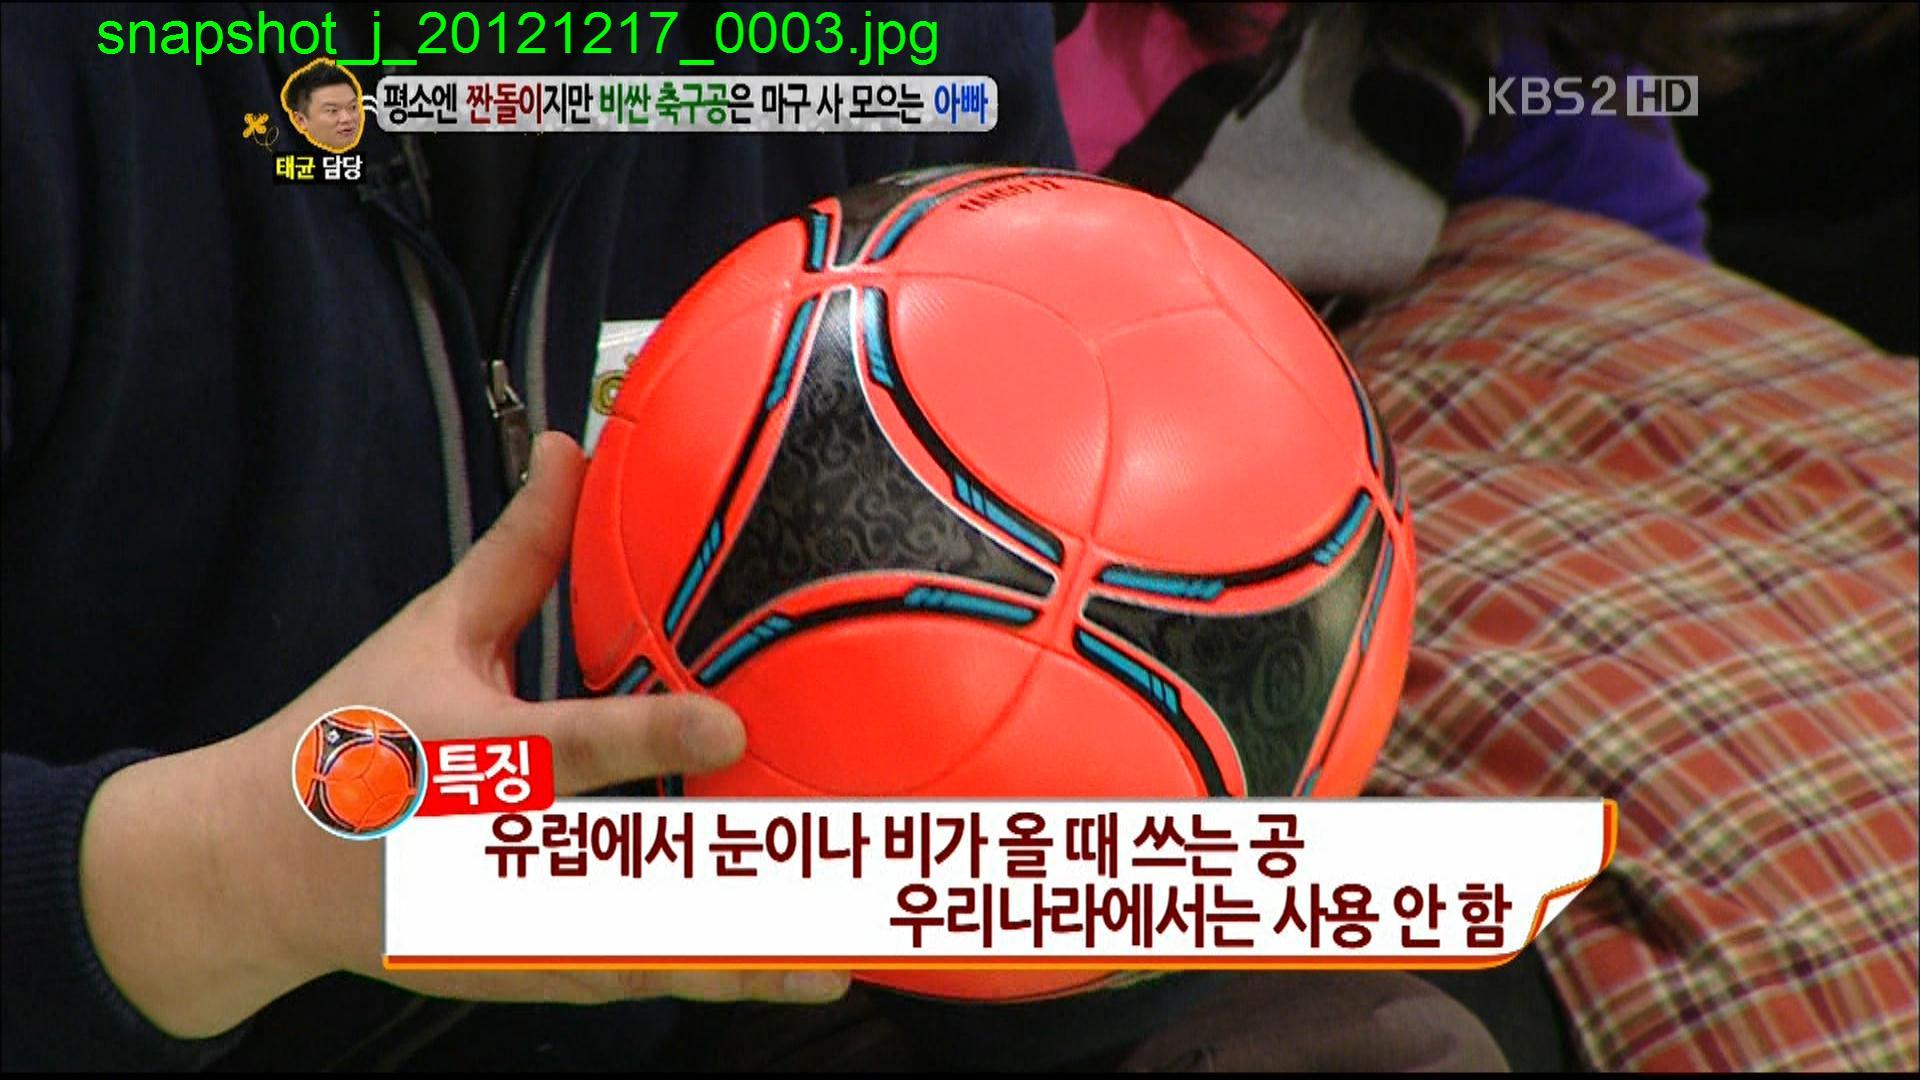 snapshot_j_20121217_0004.jpg